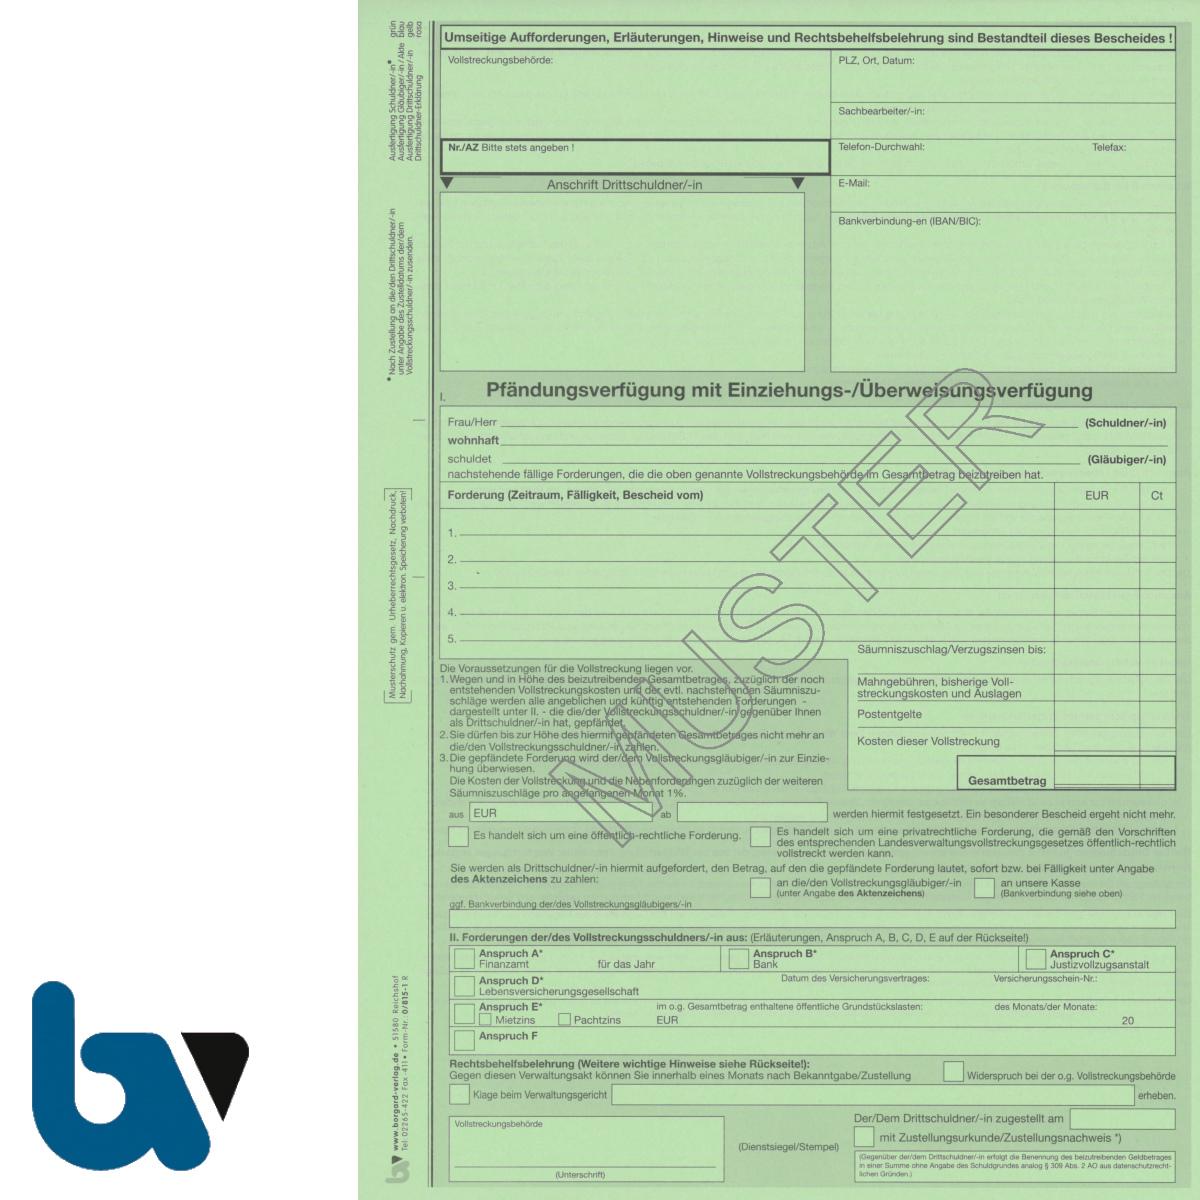 0/815-1 Pfändungsverfügung Einziehung Überweisung Diverse Forderung Abgaben Konto Versicherung Miete Pacht Drittschuldnererklärung 4-fach selbstdurchschreibend DIN A4 Vorderseite | Borgard Verlag GmbH